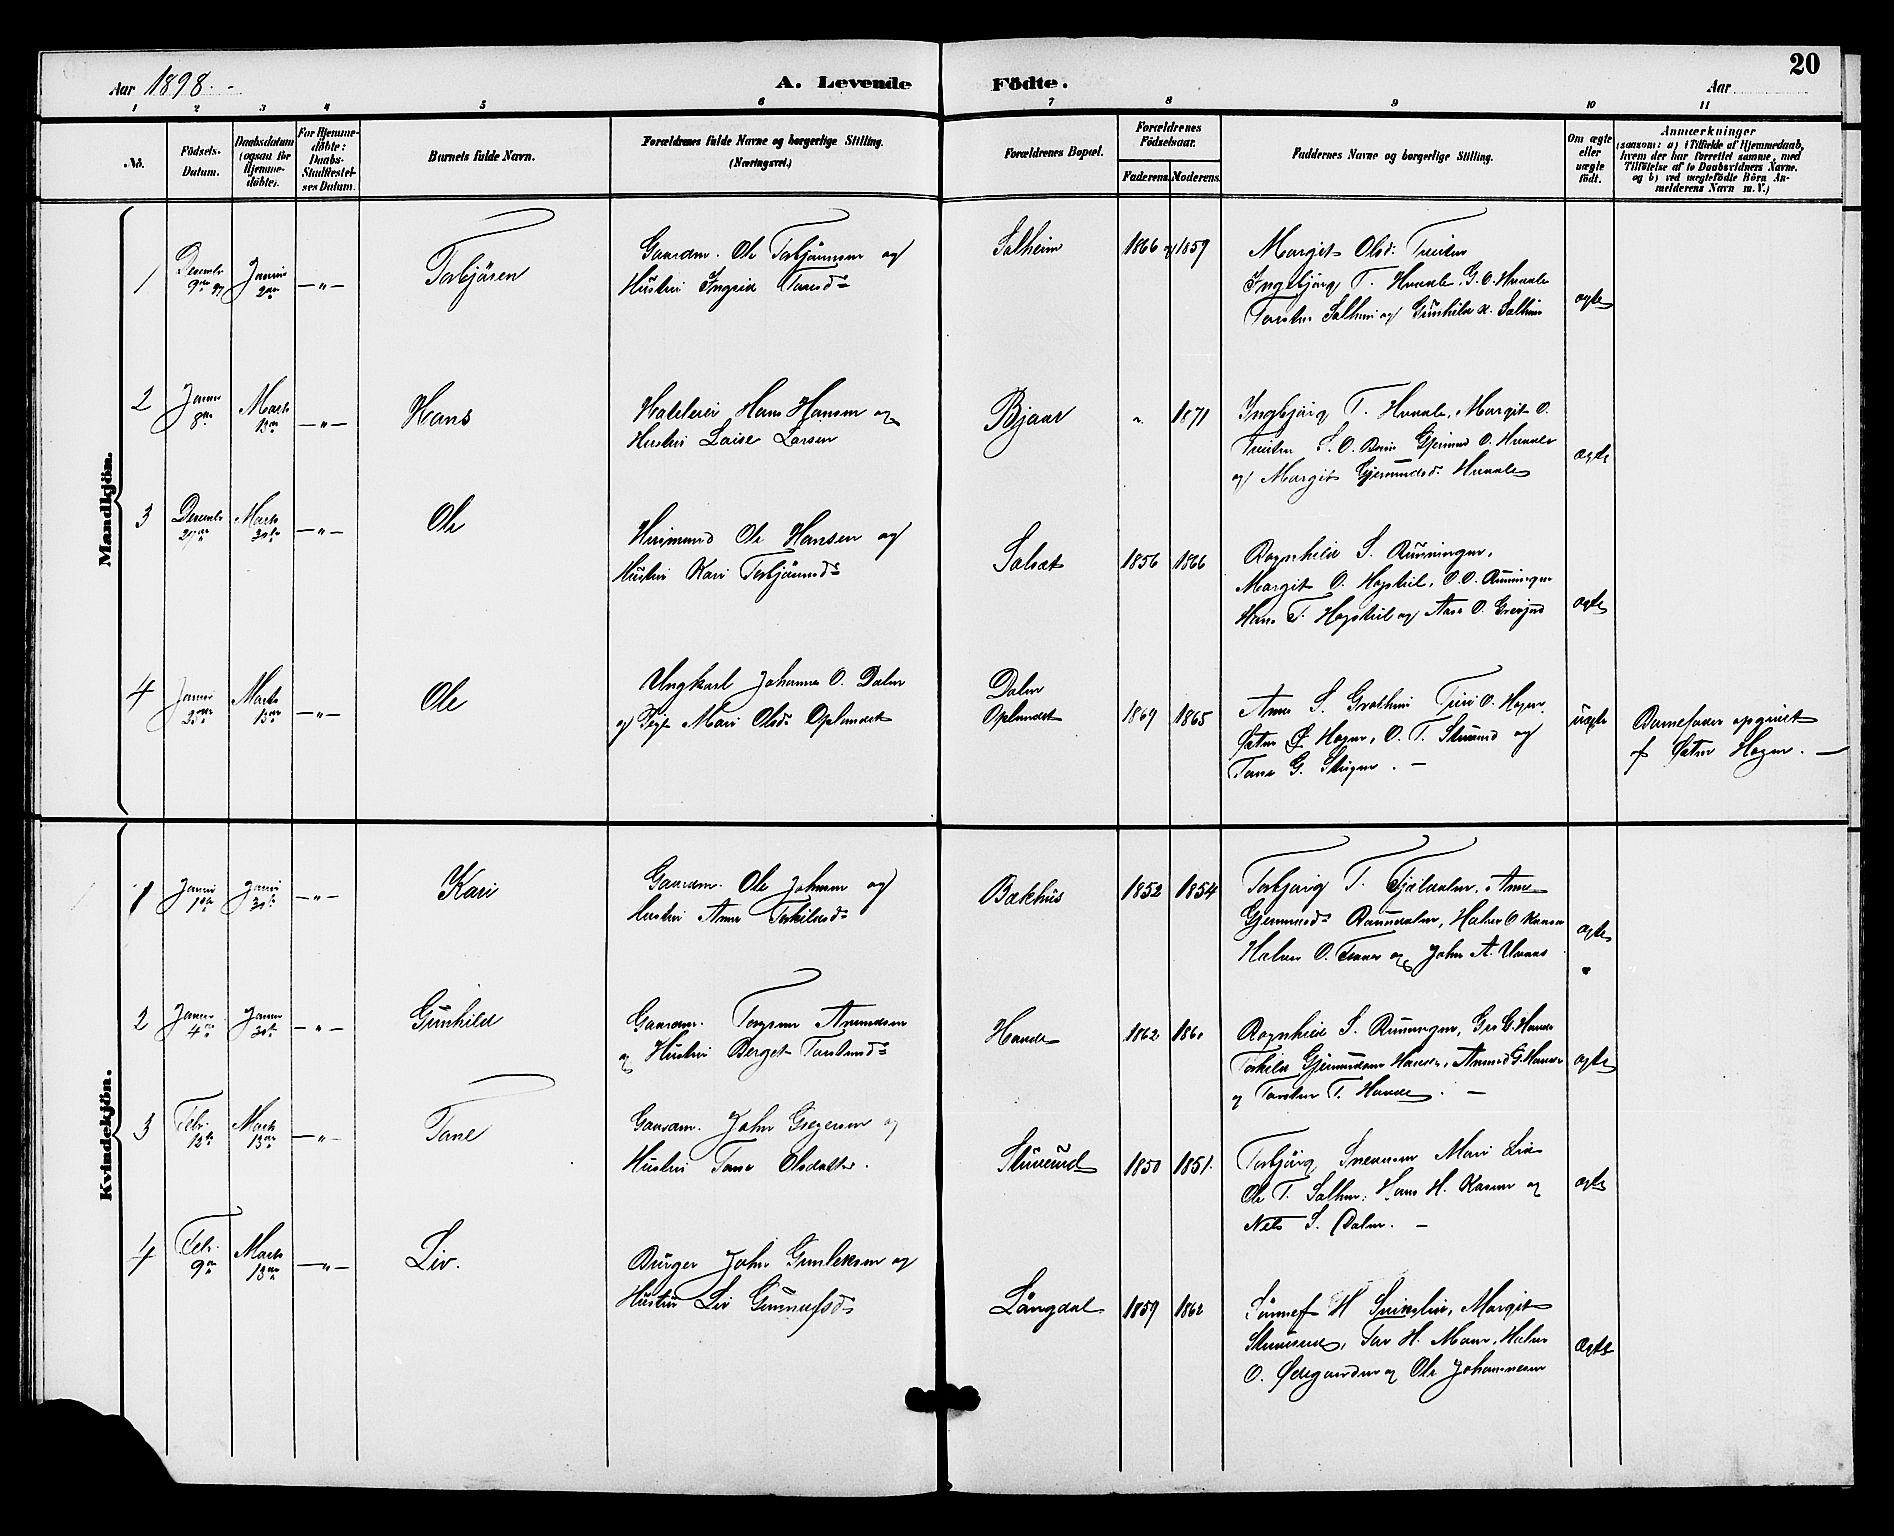 SAKO, Hjartdal kirkebøker, G/Gc/L0003: Klokkerbok nr. III 3, 1890-1907, s. 20